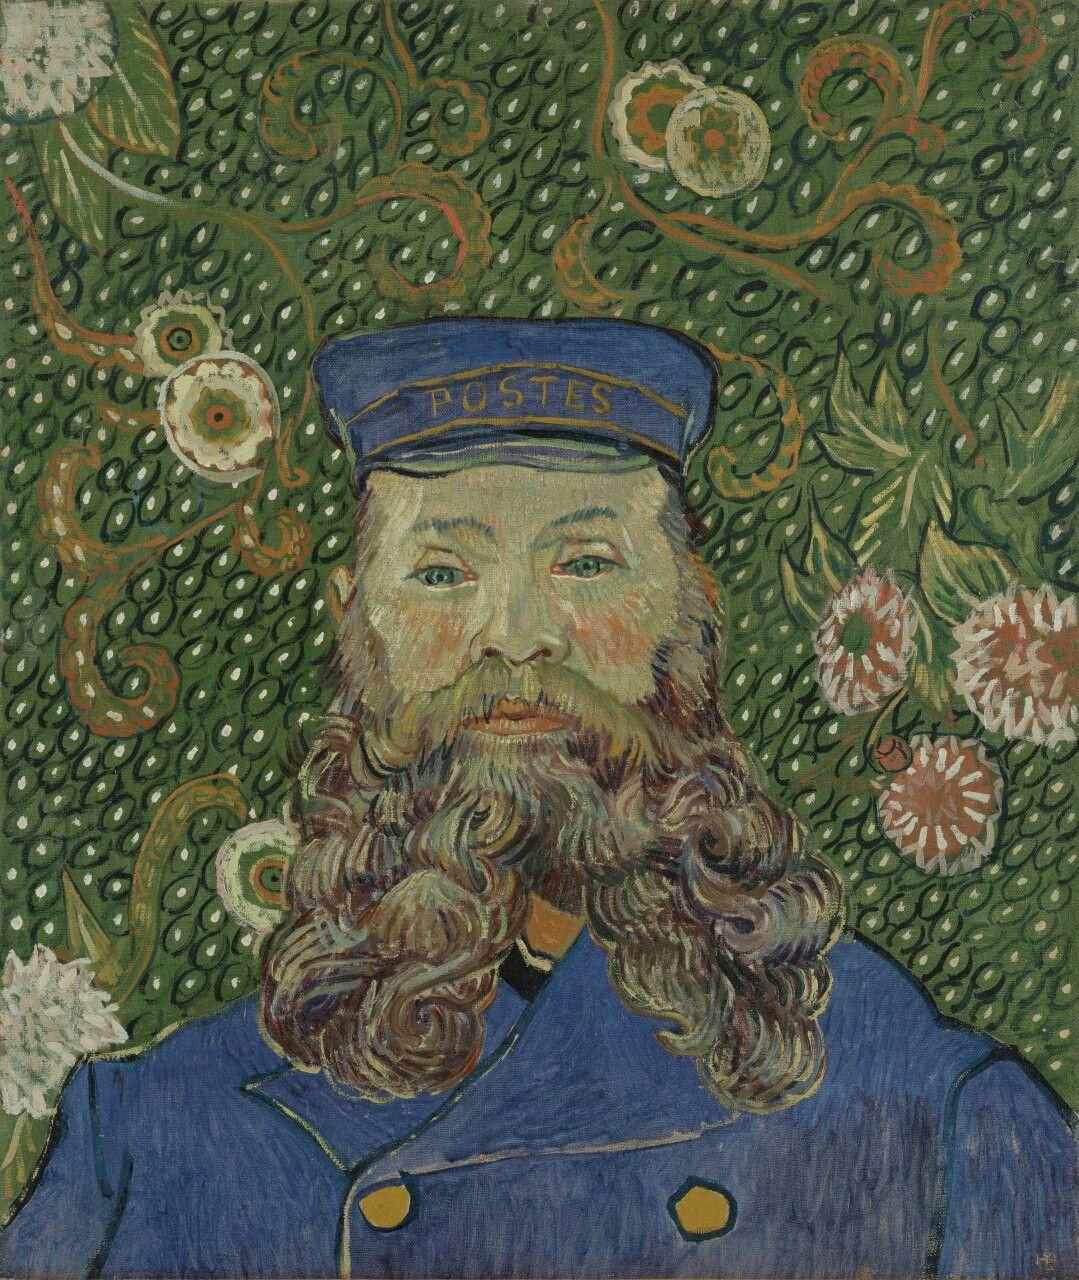 صورة لرجل البريد جوزيف رولين 1889 للرس ام الهولندي فان جوخ اللوحة بألوان الزيت على القماش وأب Van Gogh Art Van Gogh Portraits Vincent Van Gogh Paintings